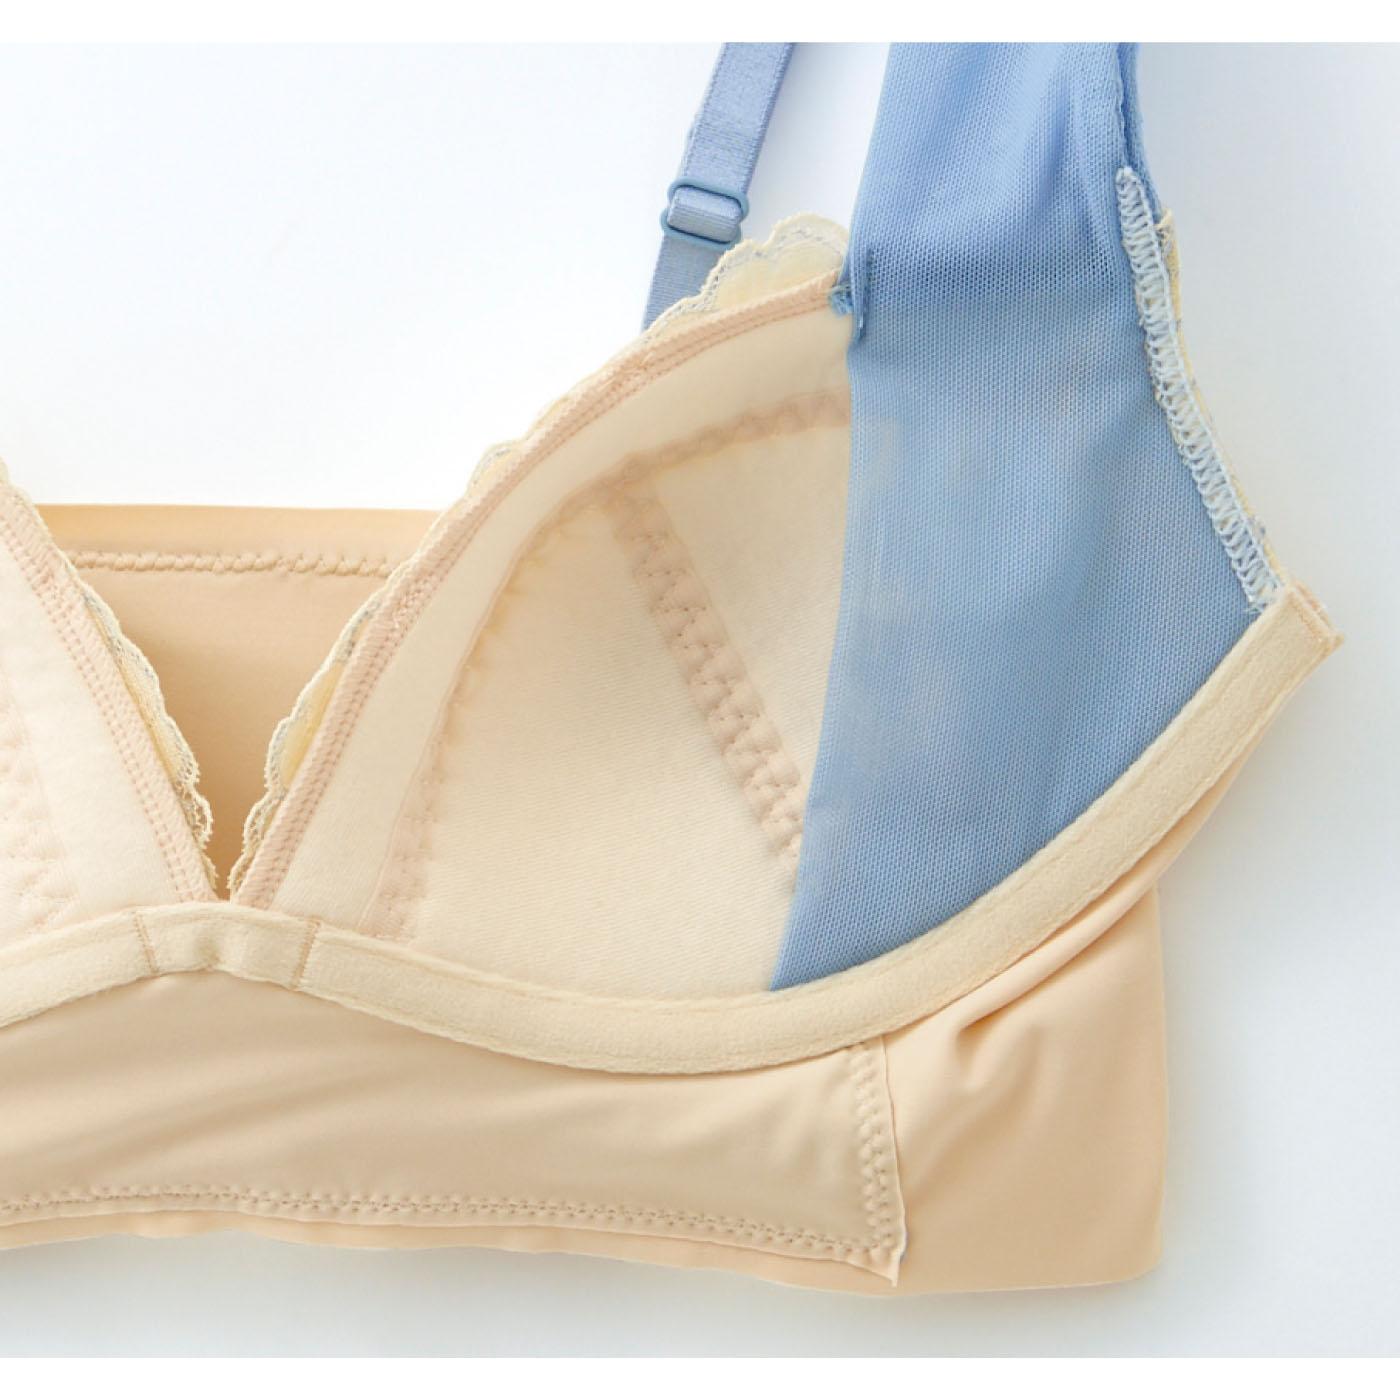 ストラップと一体になったリフトパネルが横流れを防ぎ、心地よく美胸をキープ。